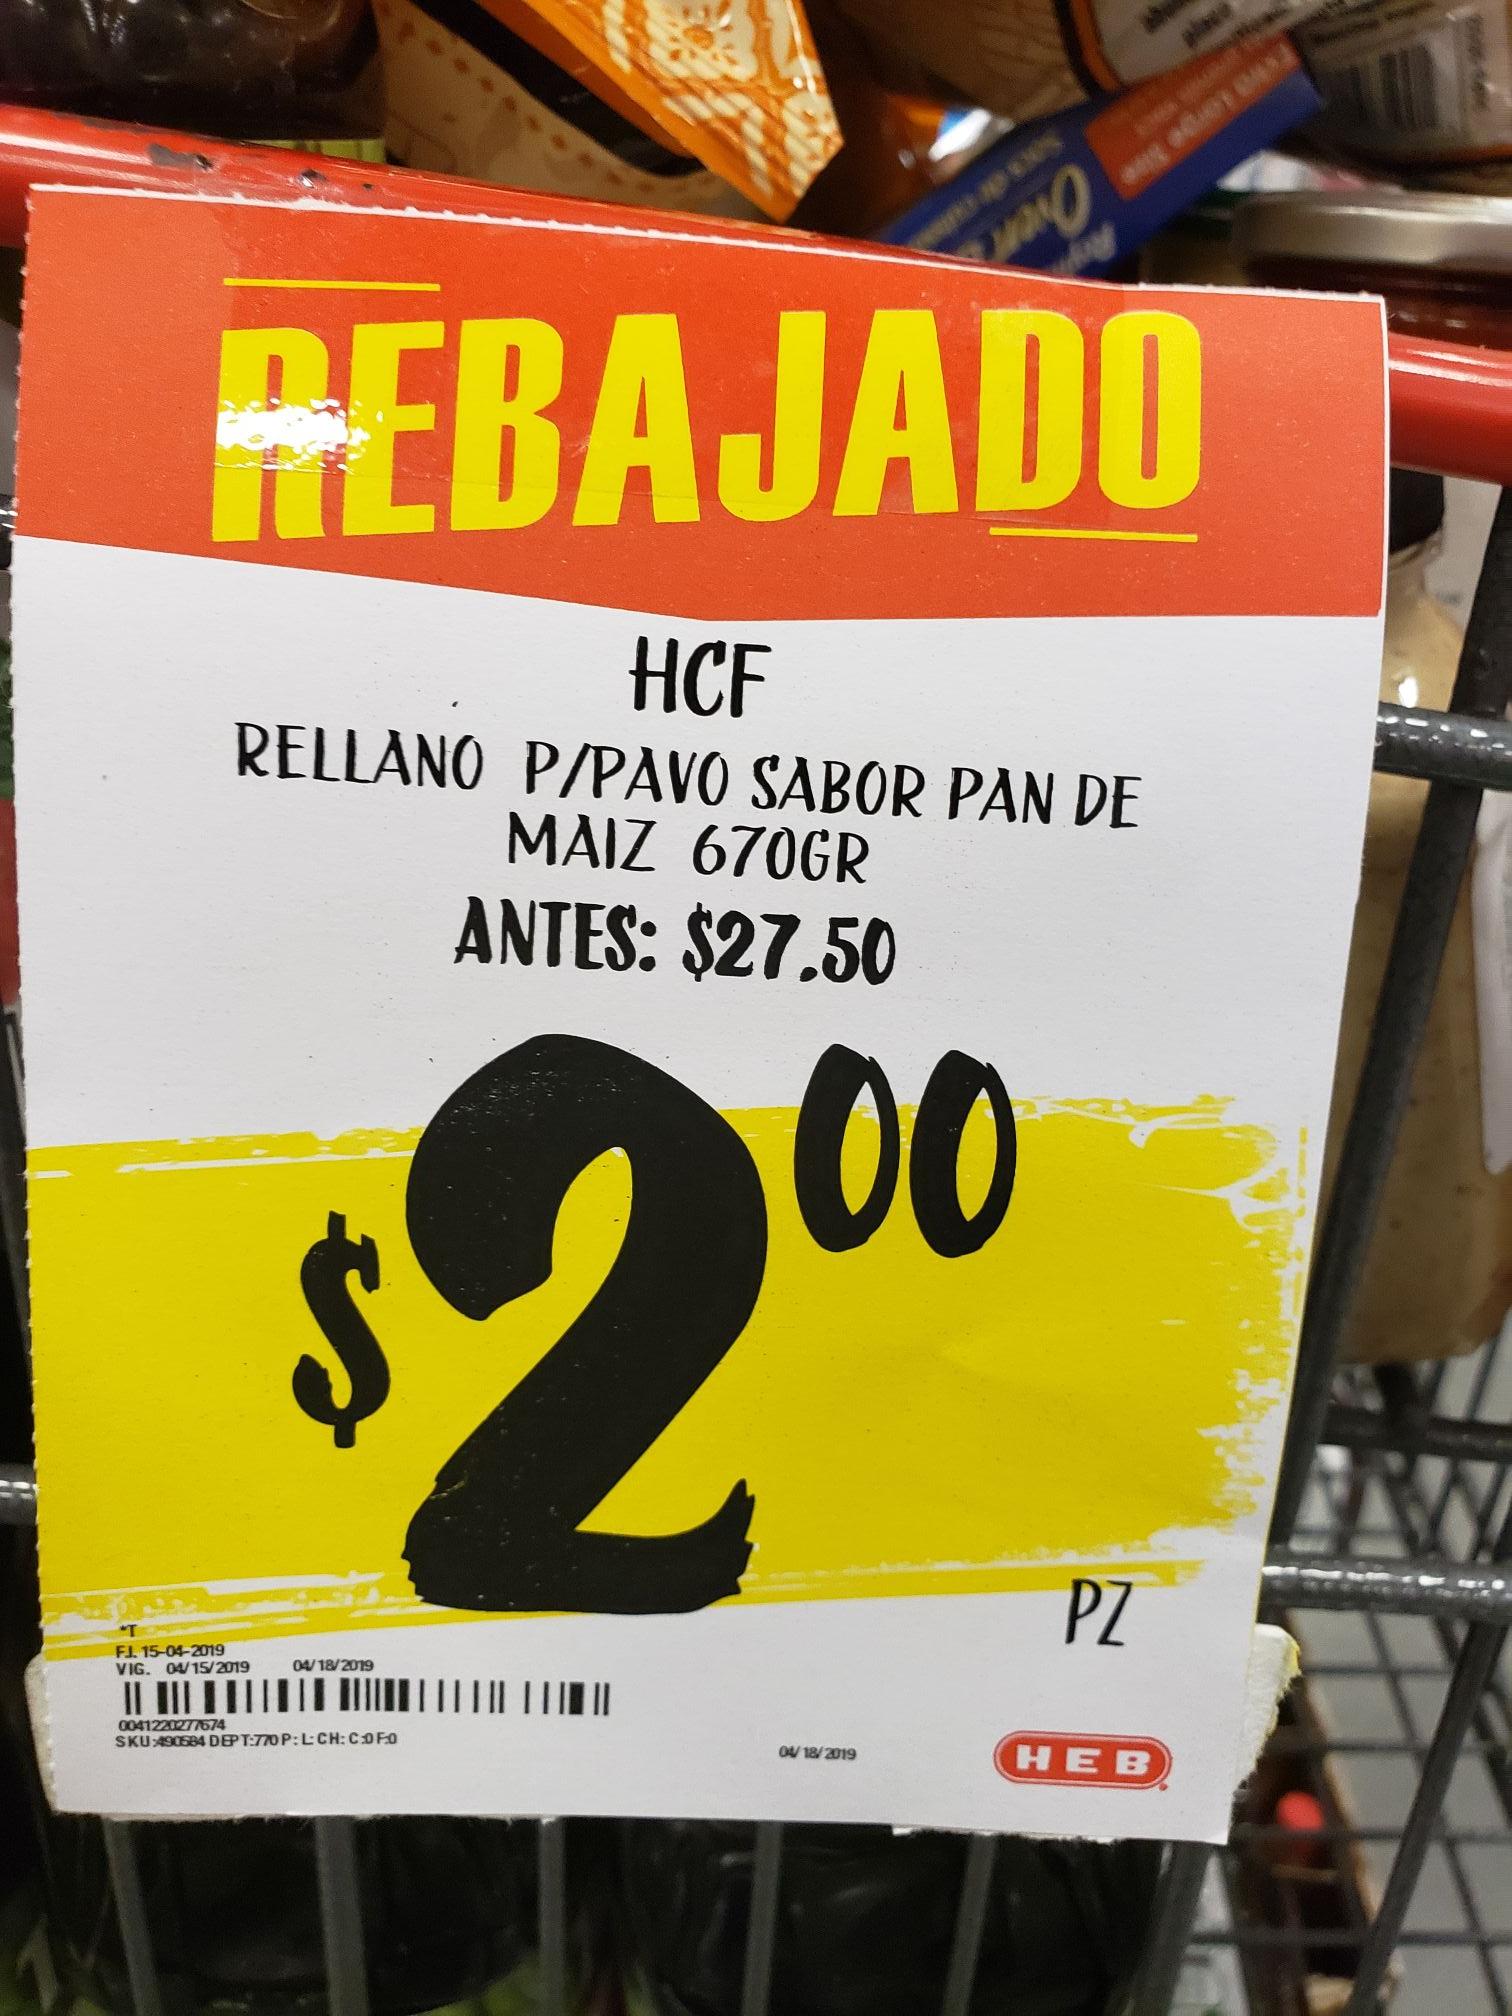 HEB Hidalgo Tampico: Relleno para pavo sabor pan de maíz